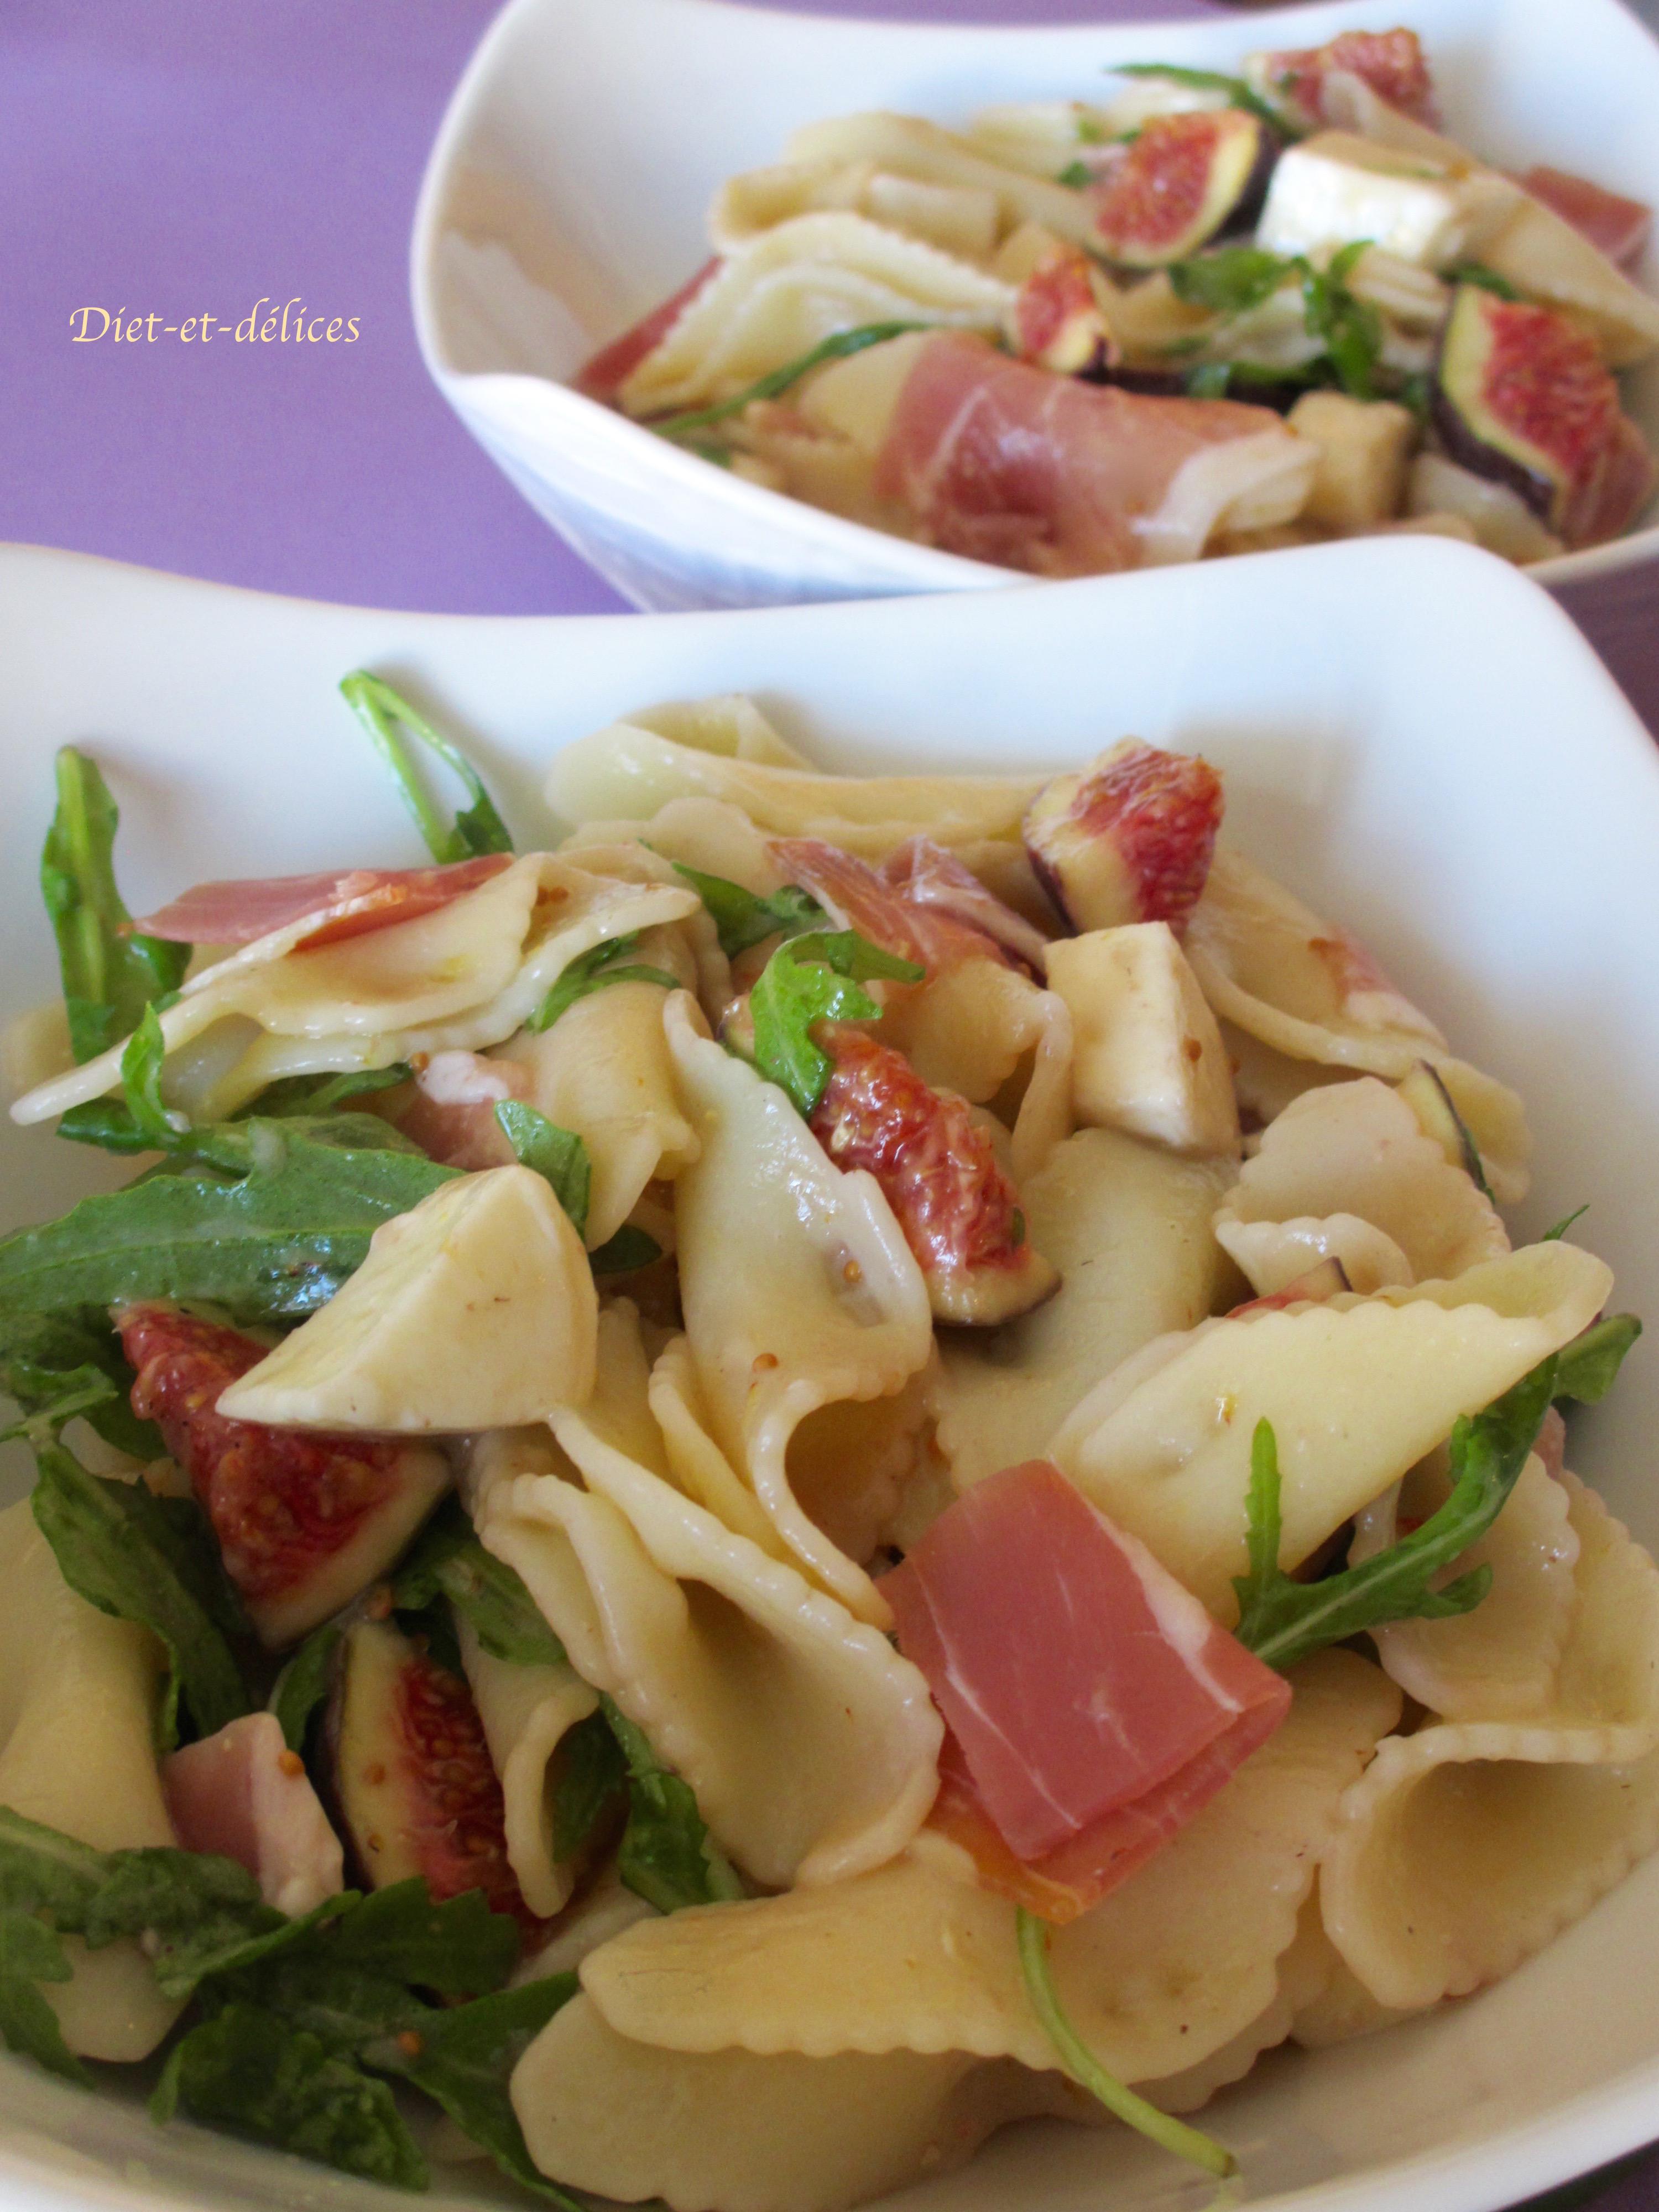 Salade d t diet d lices recettes diet tiques - Salade d ete originale et facile ...